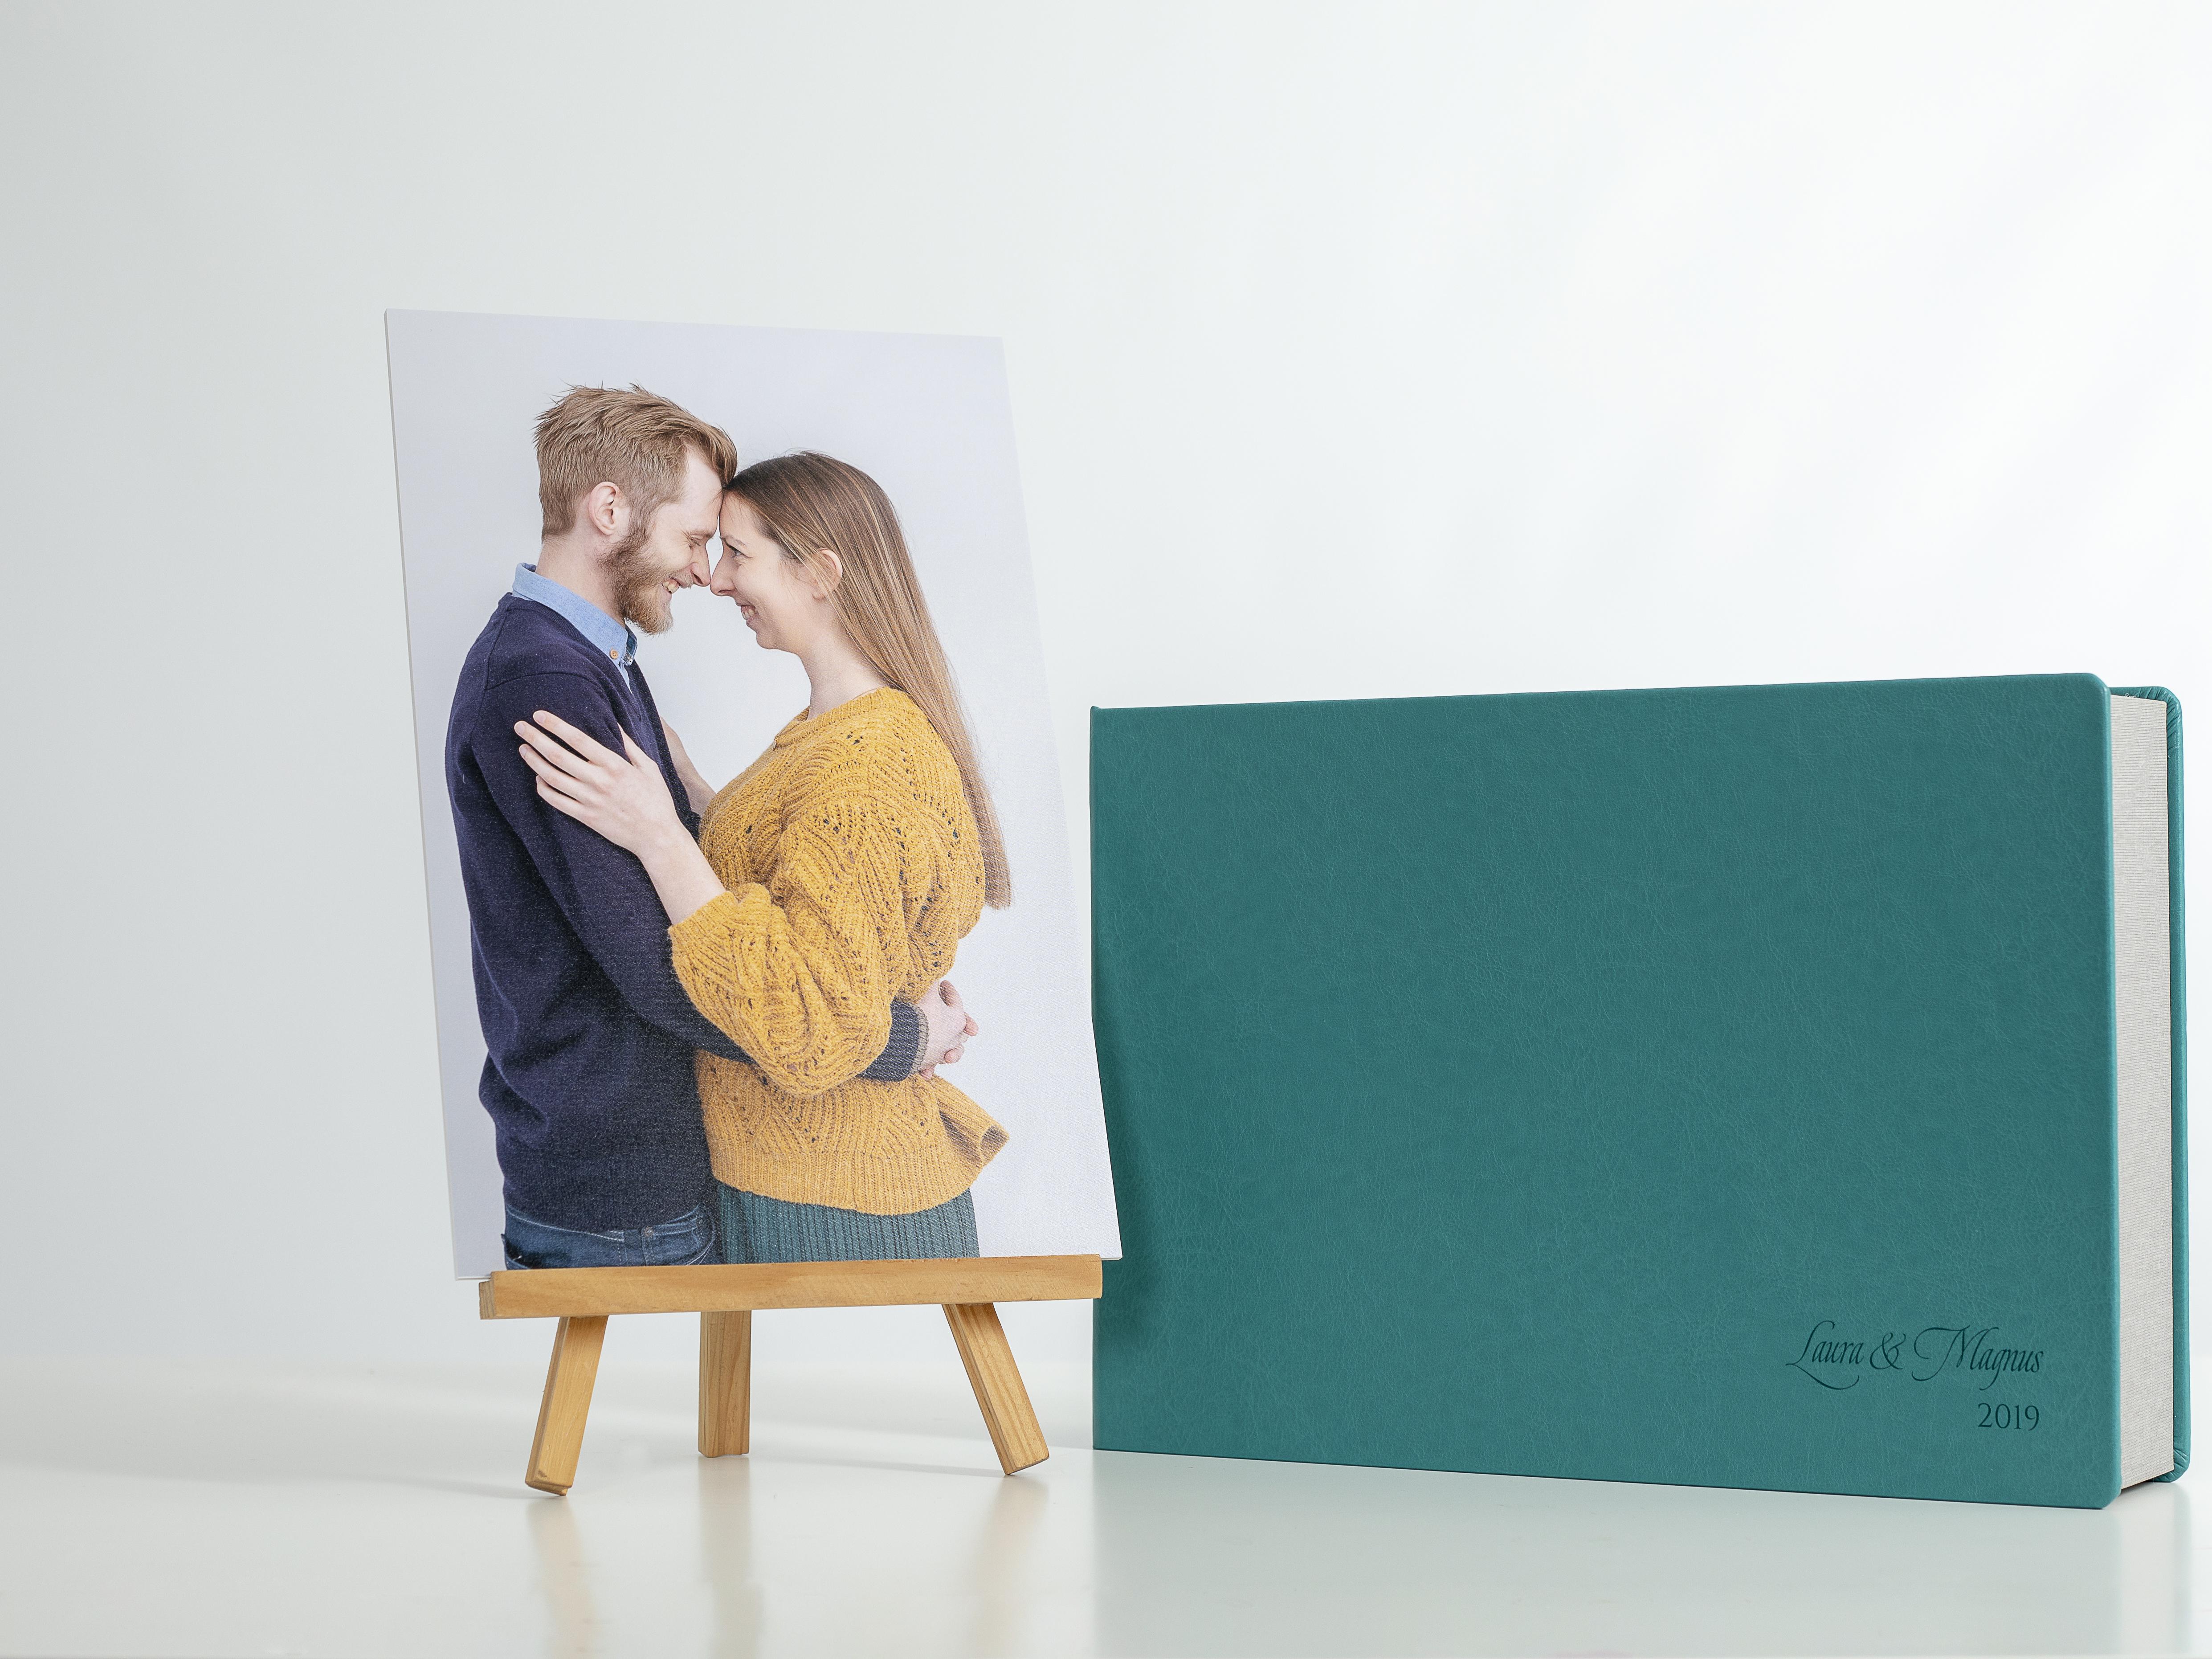 Pinkstudio by Angelina Devine Laura-og-Magnus-kæresteportrætter-FB7 Kæresteportrætter Nyheder Portræt Ugens fotografering